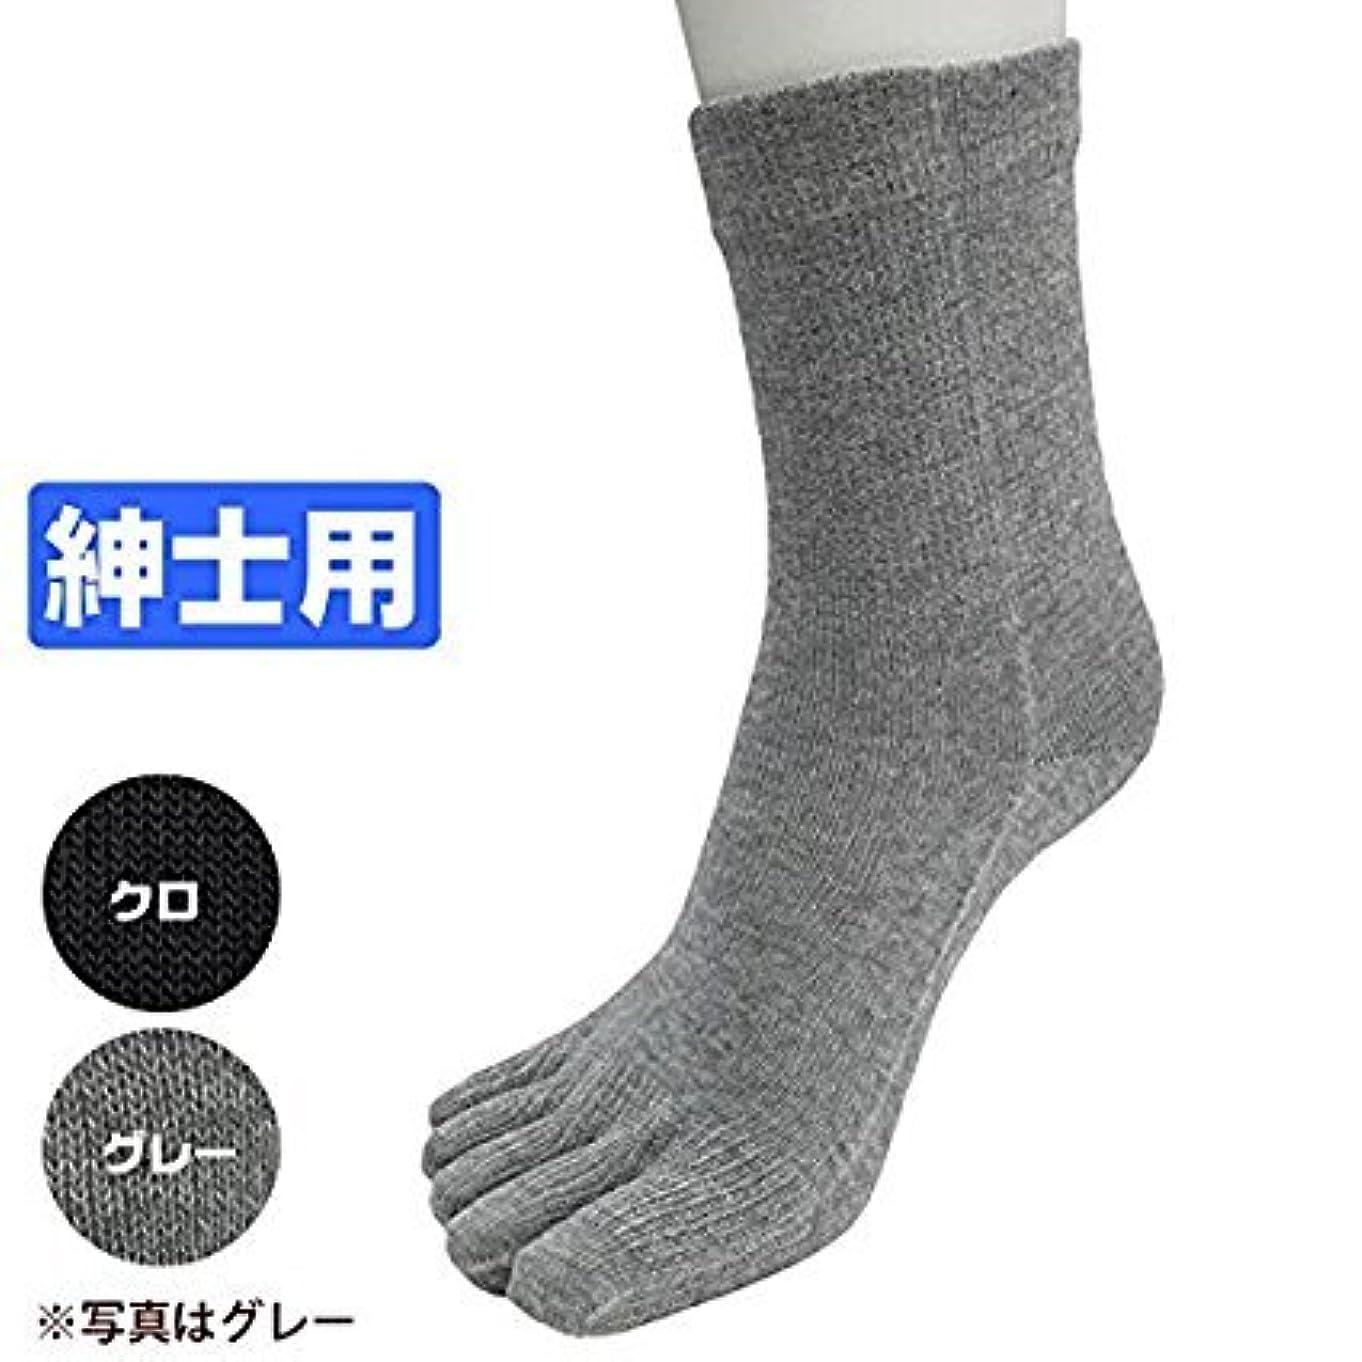 重要な薄いです大陸ひだまり 5本指ソックス 紳士用 靴下[24~26cm]オールシーズンタイプ (クロ)